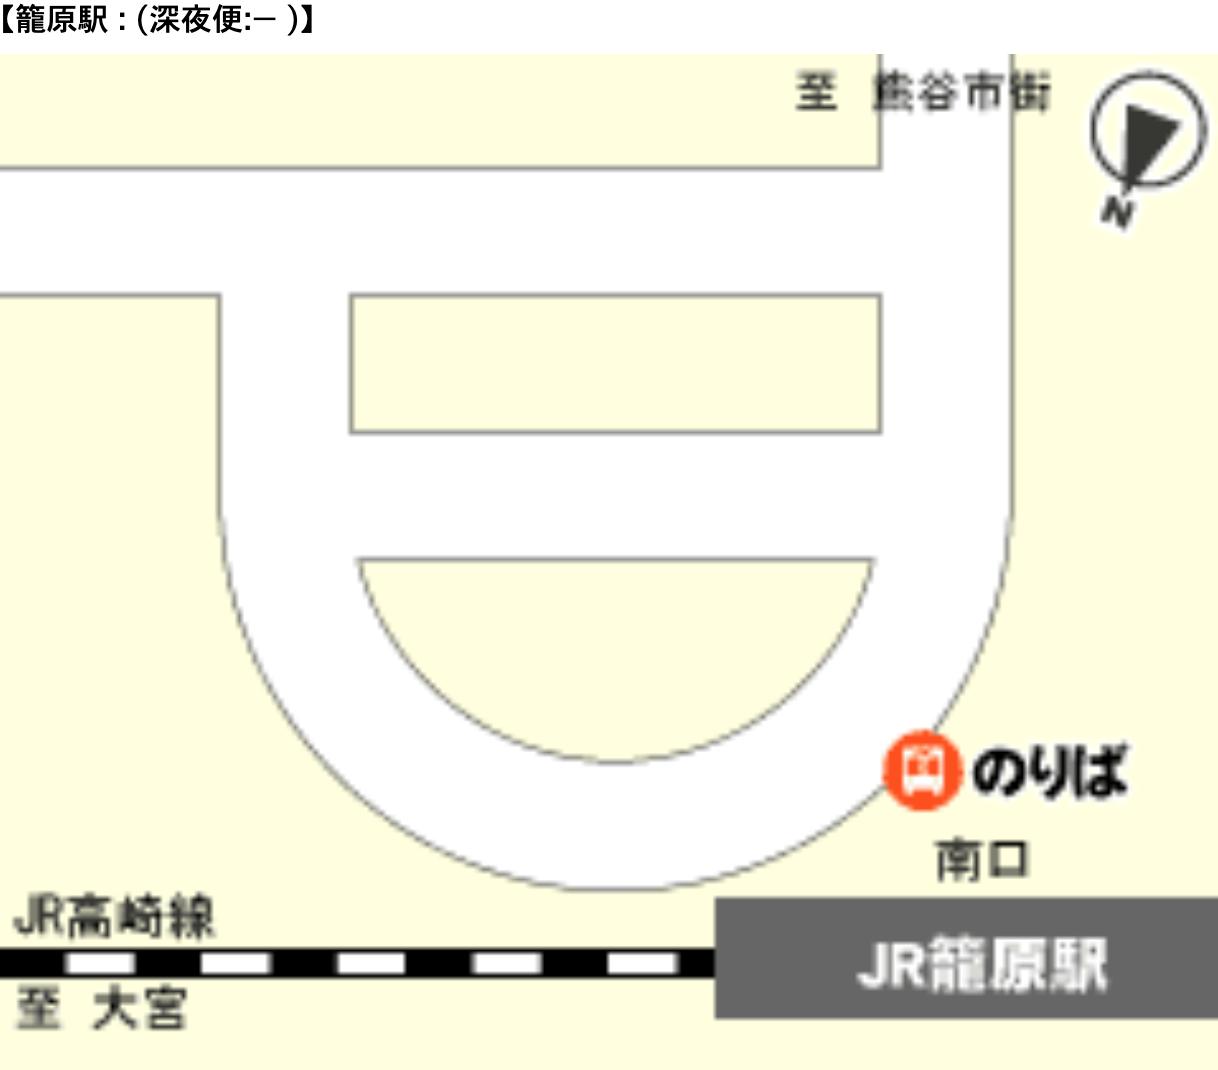 空港バス 籠原駅 案内図